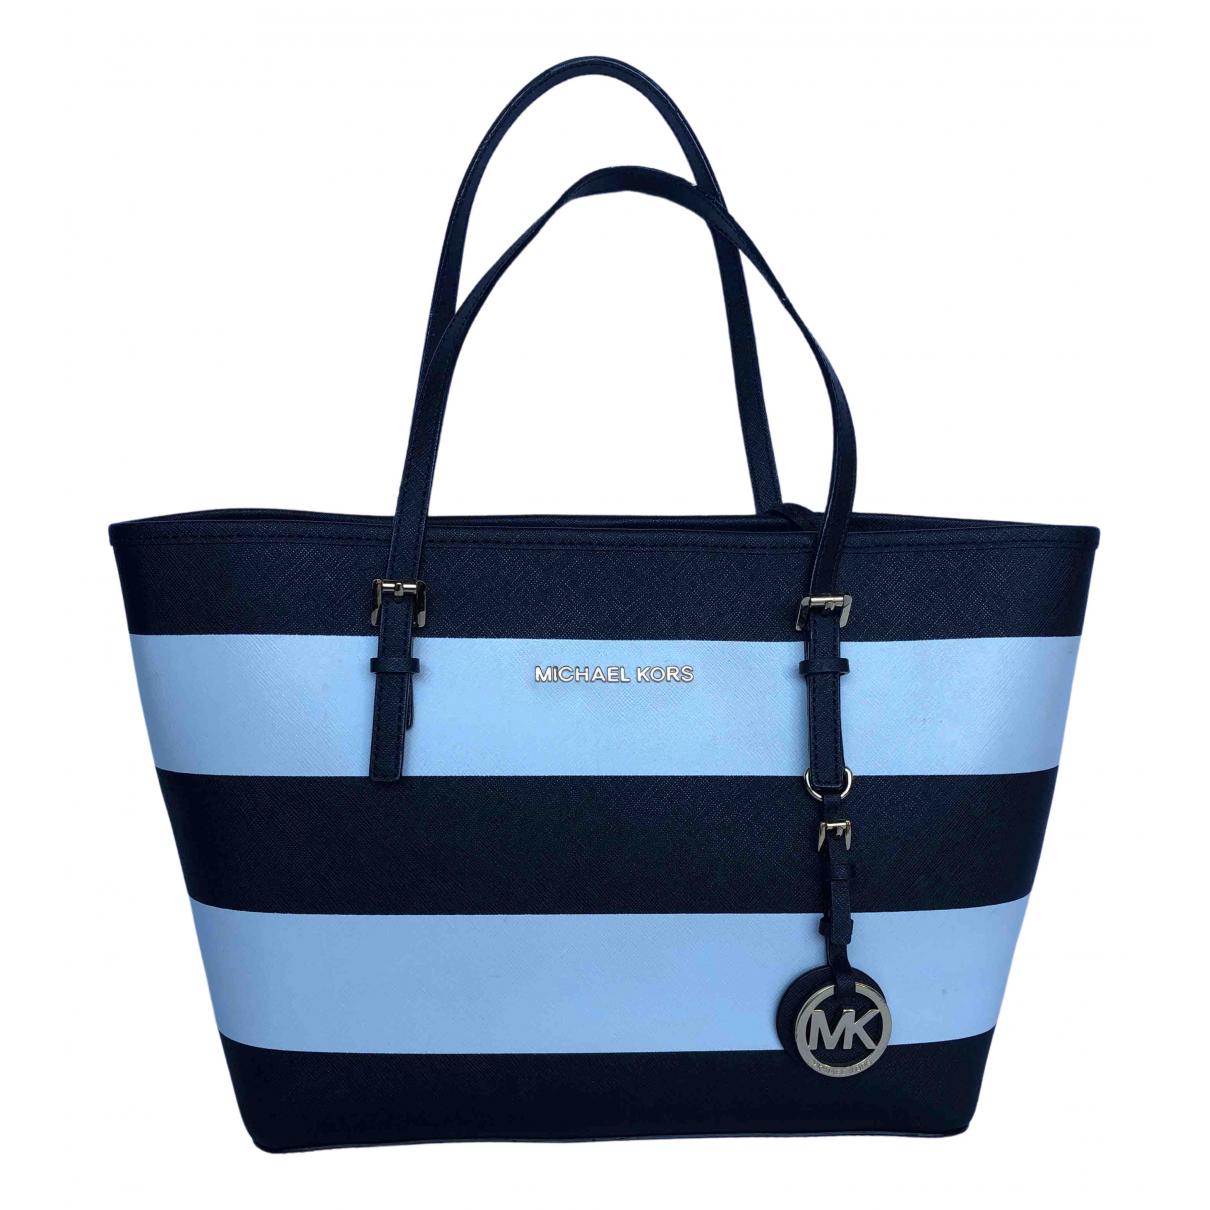 Michael Kors N Black handbag for Women N